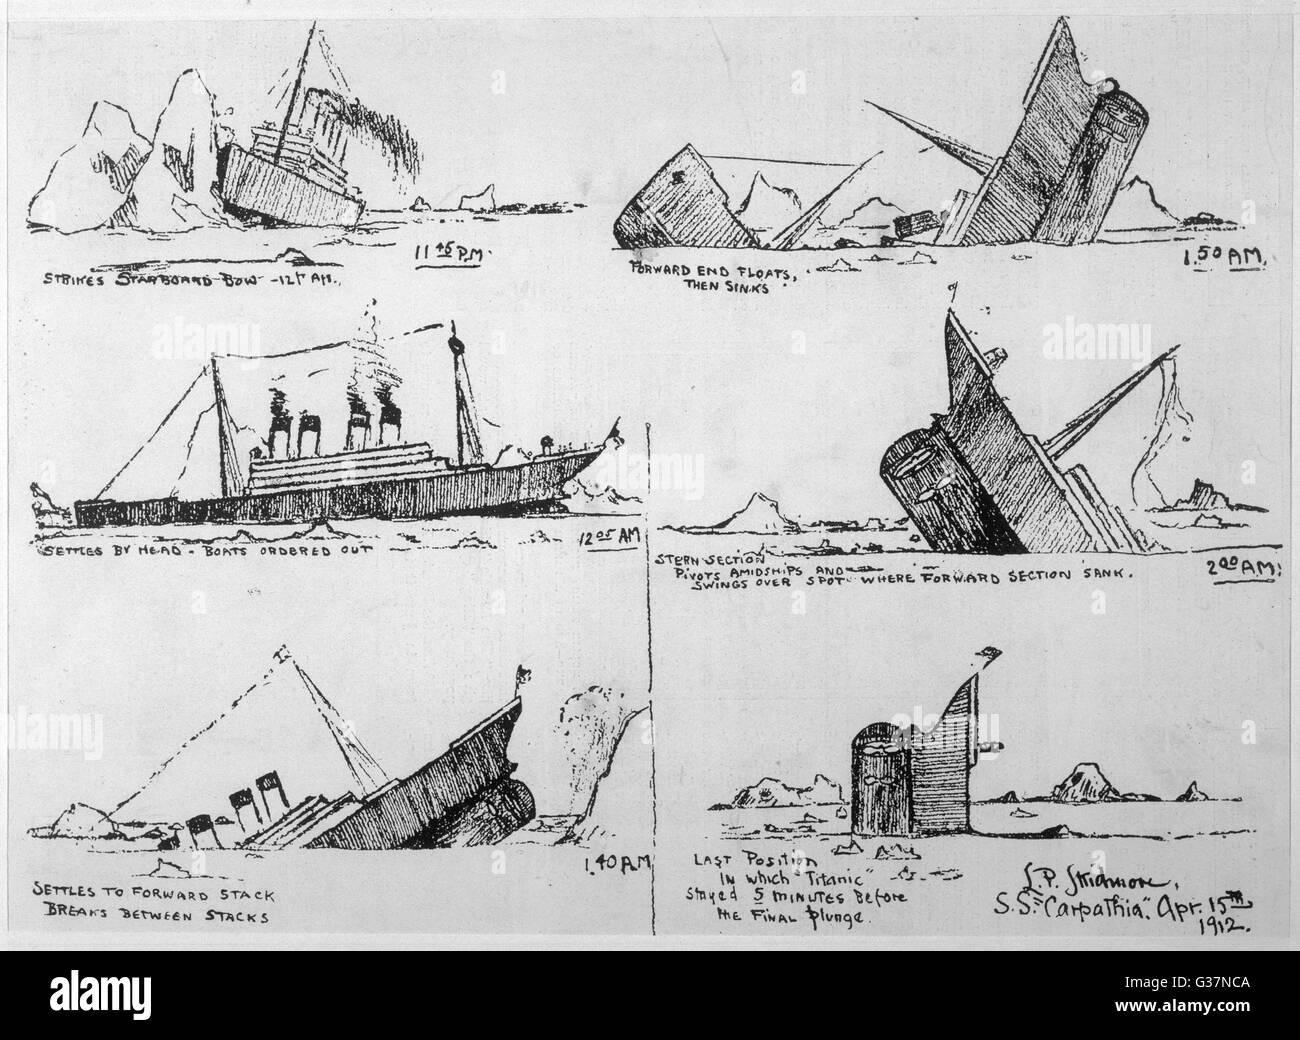 Une séquence d'illustrations montrant le naufrage du Titanic, dessiné par John B survivant Thayer Photo Stock